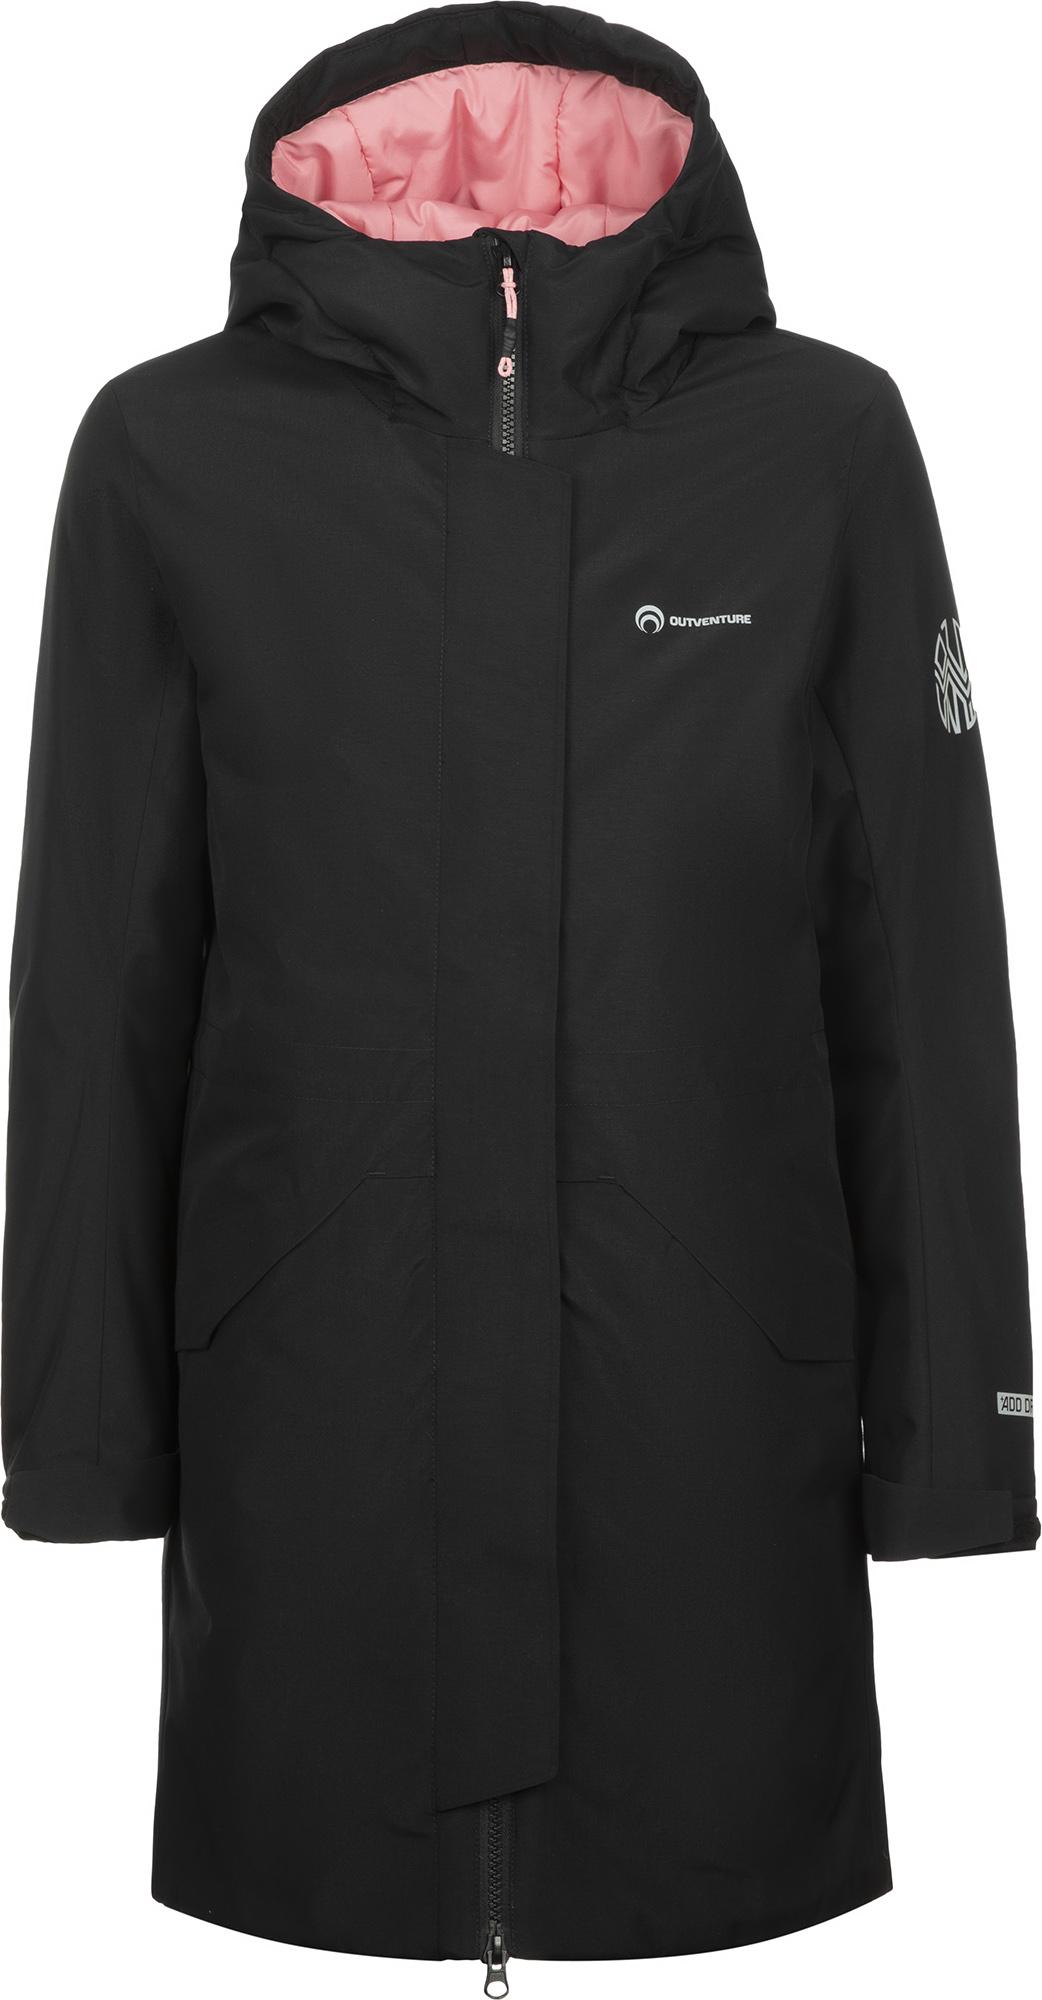 Фото - Outventure Куртка утепленная для девочек Outventure, размер 164 outventure куртка утепленная для девочек outventure размер 134